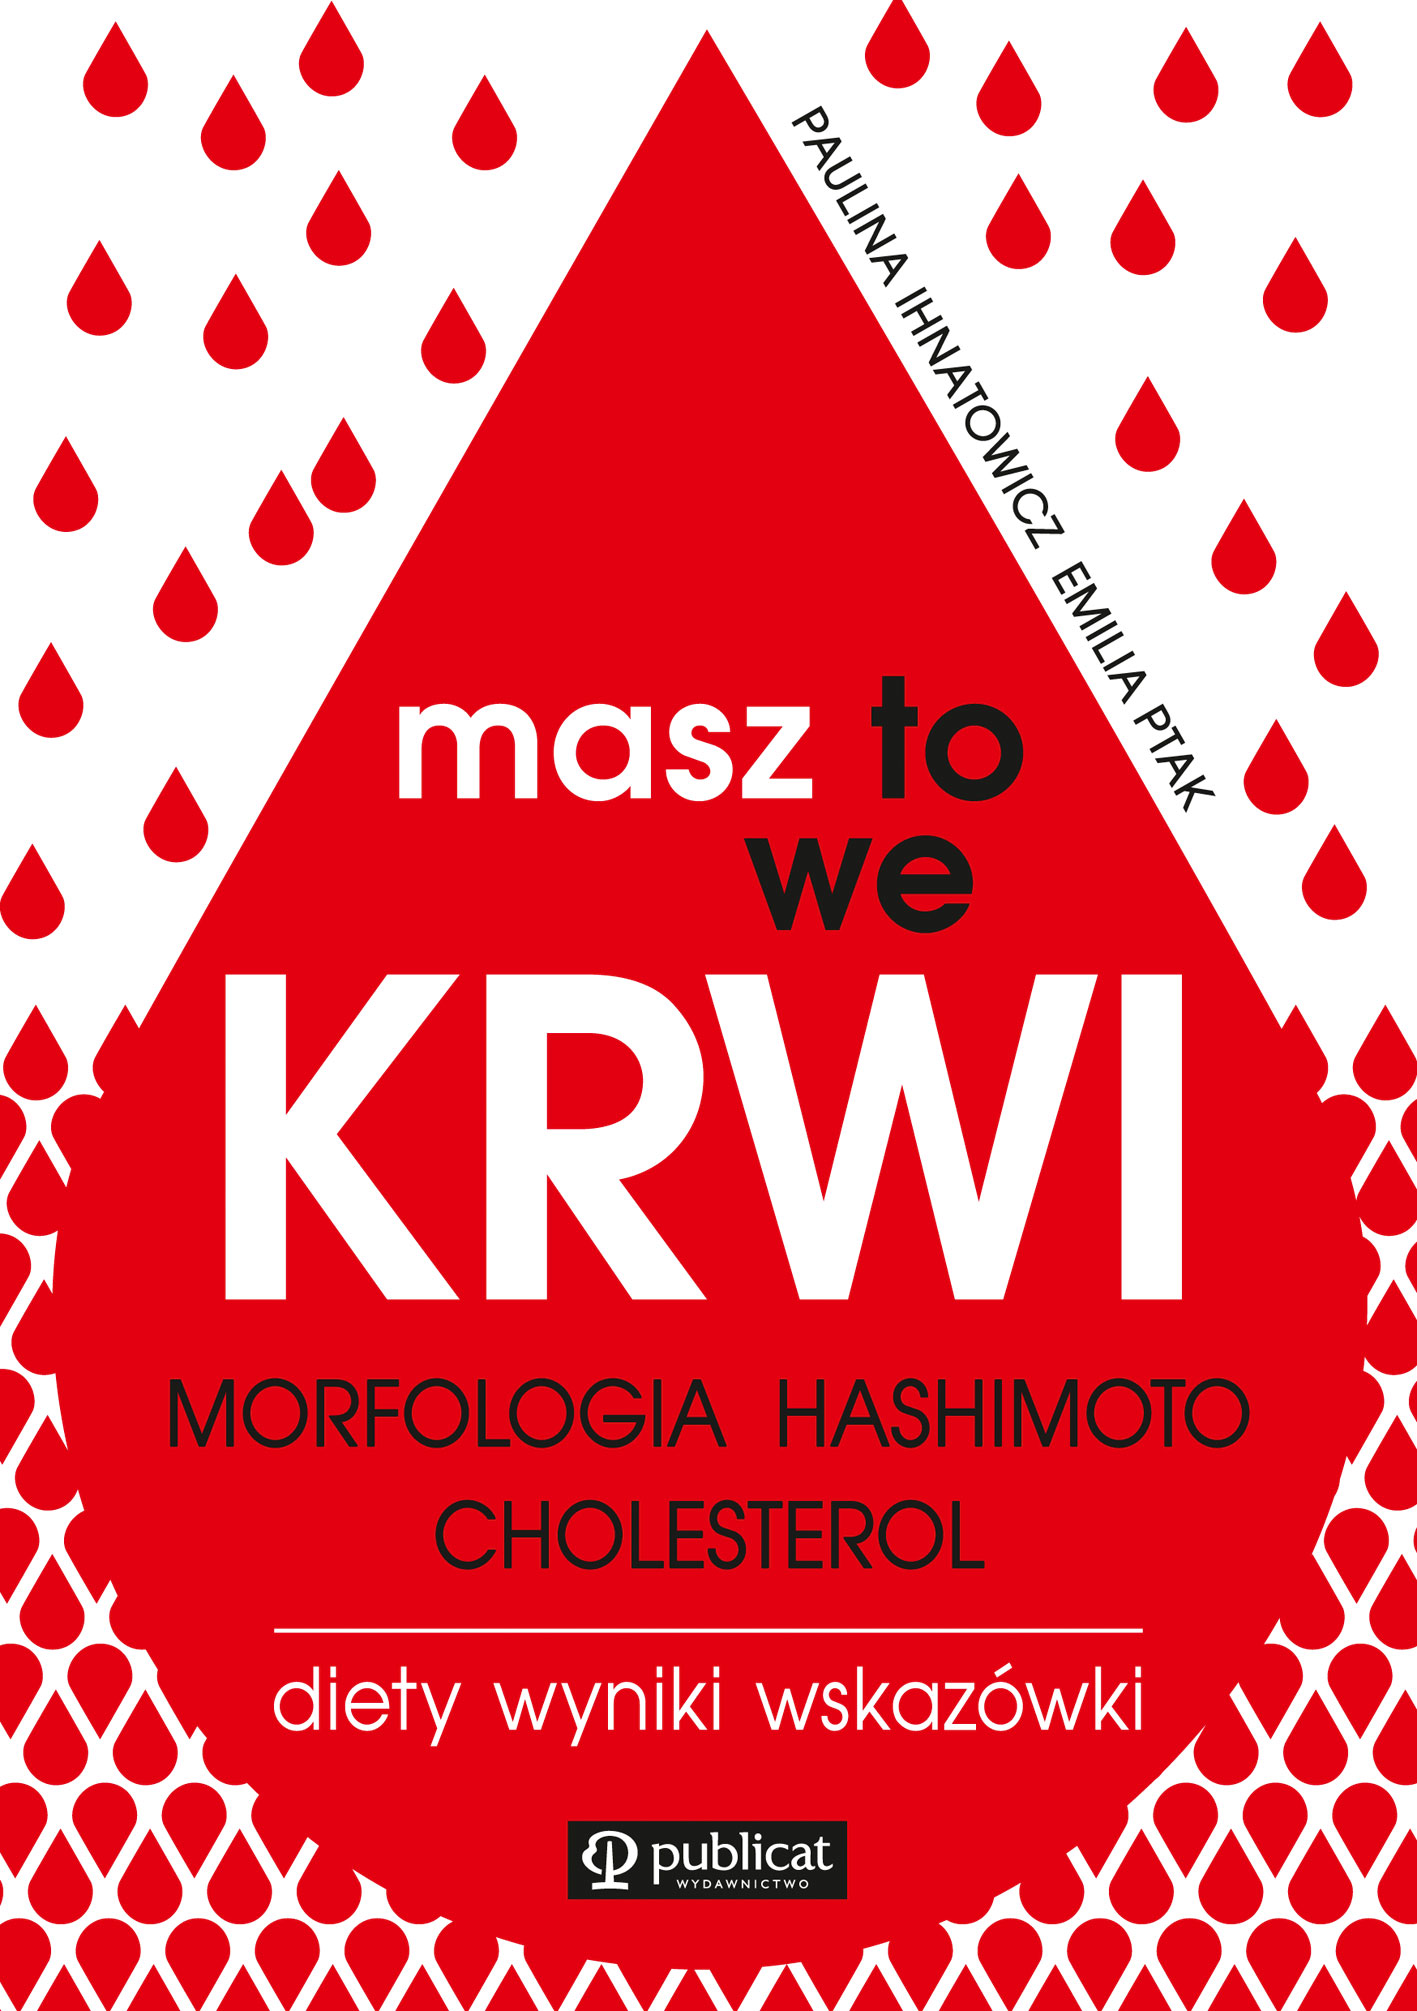 MASZ TO WE KRWI MORFOLOGIA HASHIMOTO CHOLESTEROL WYNIKI DIETY WSKAZÓWKI, Konturek Stanisław